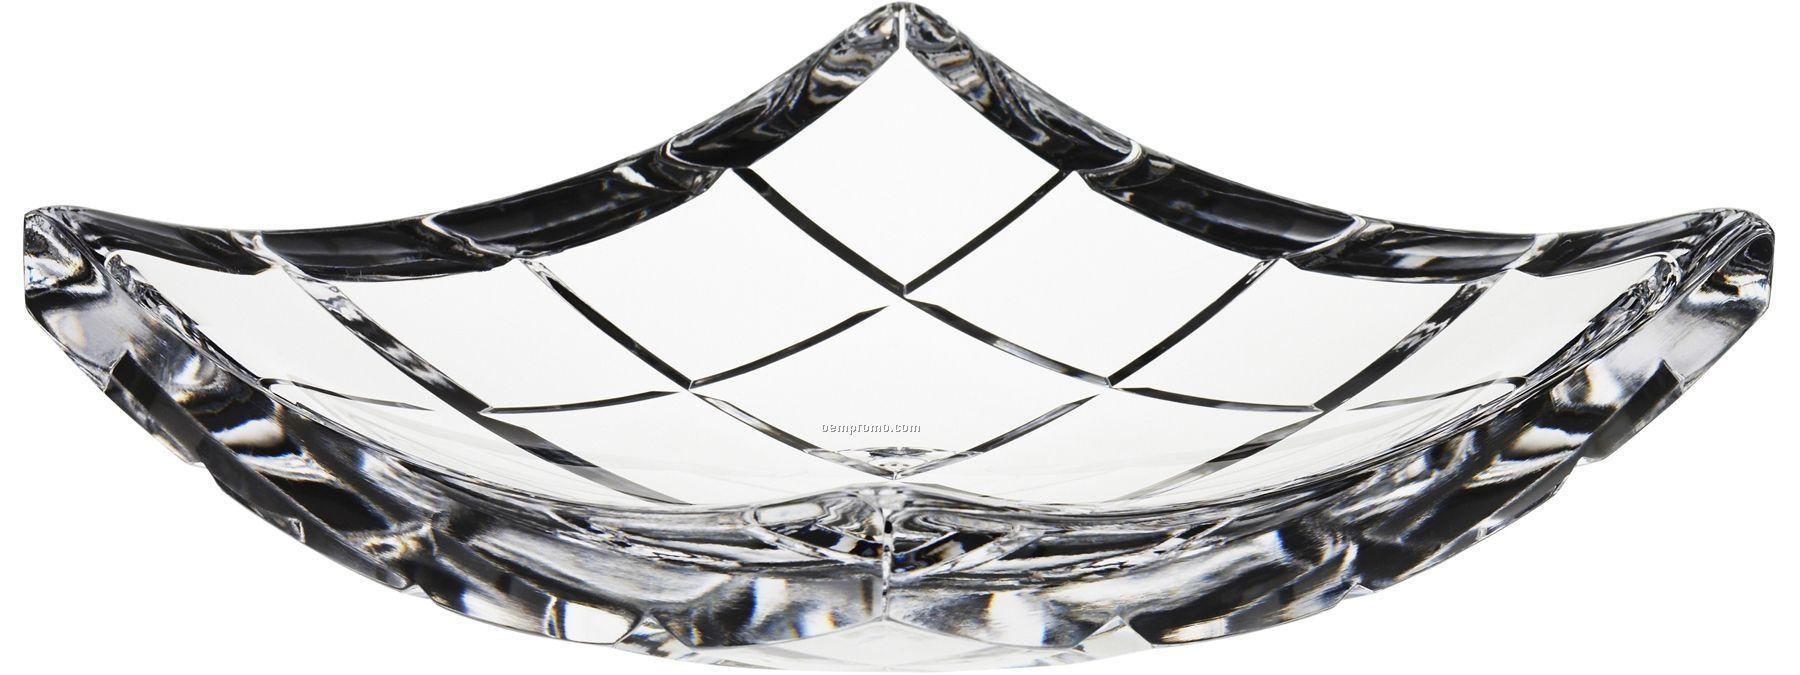 Fashion New York Crystal Plate W/ Grid Pattern By Martti Rytkonen